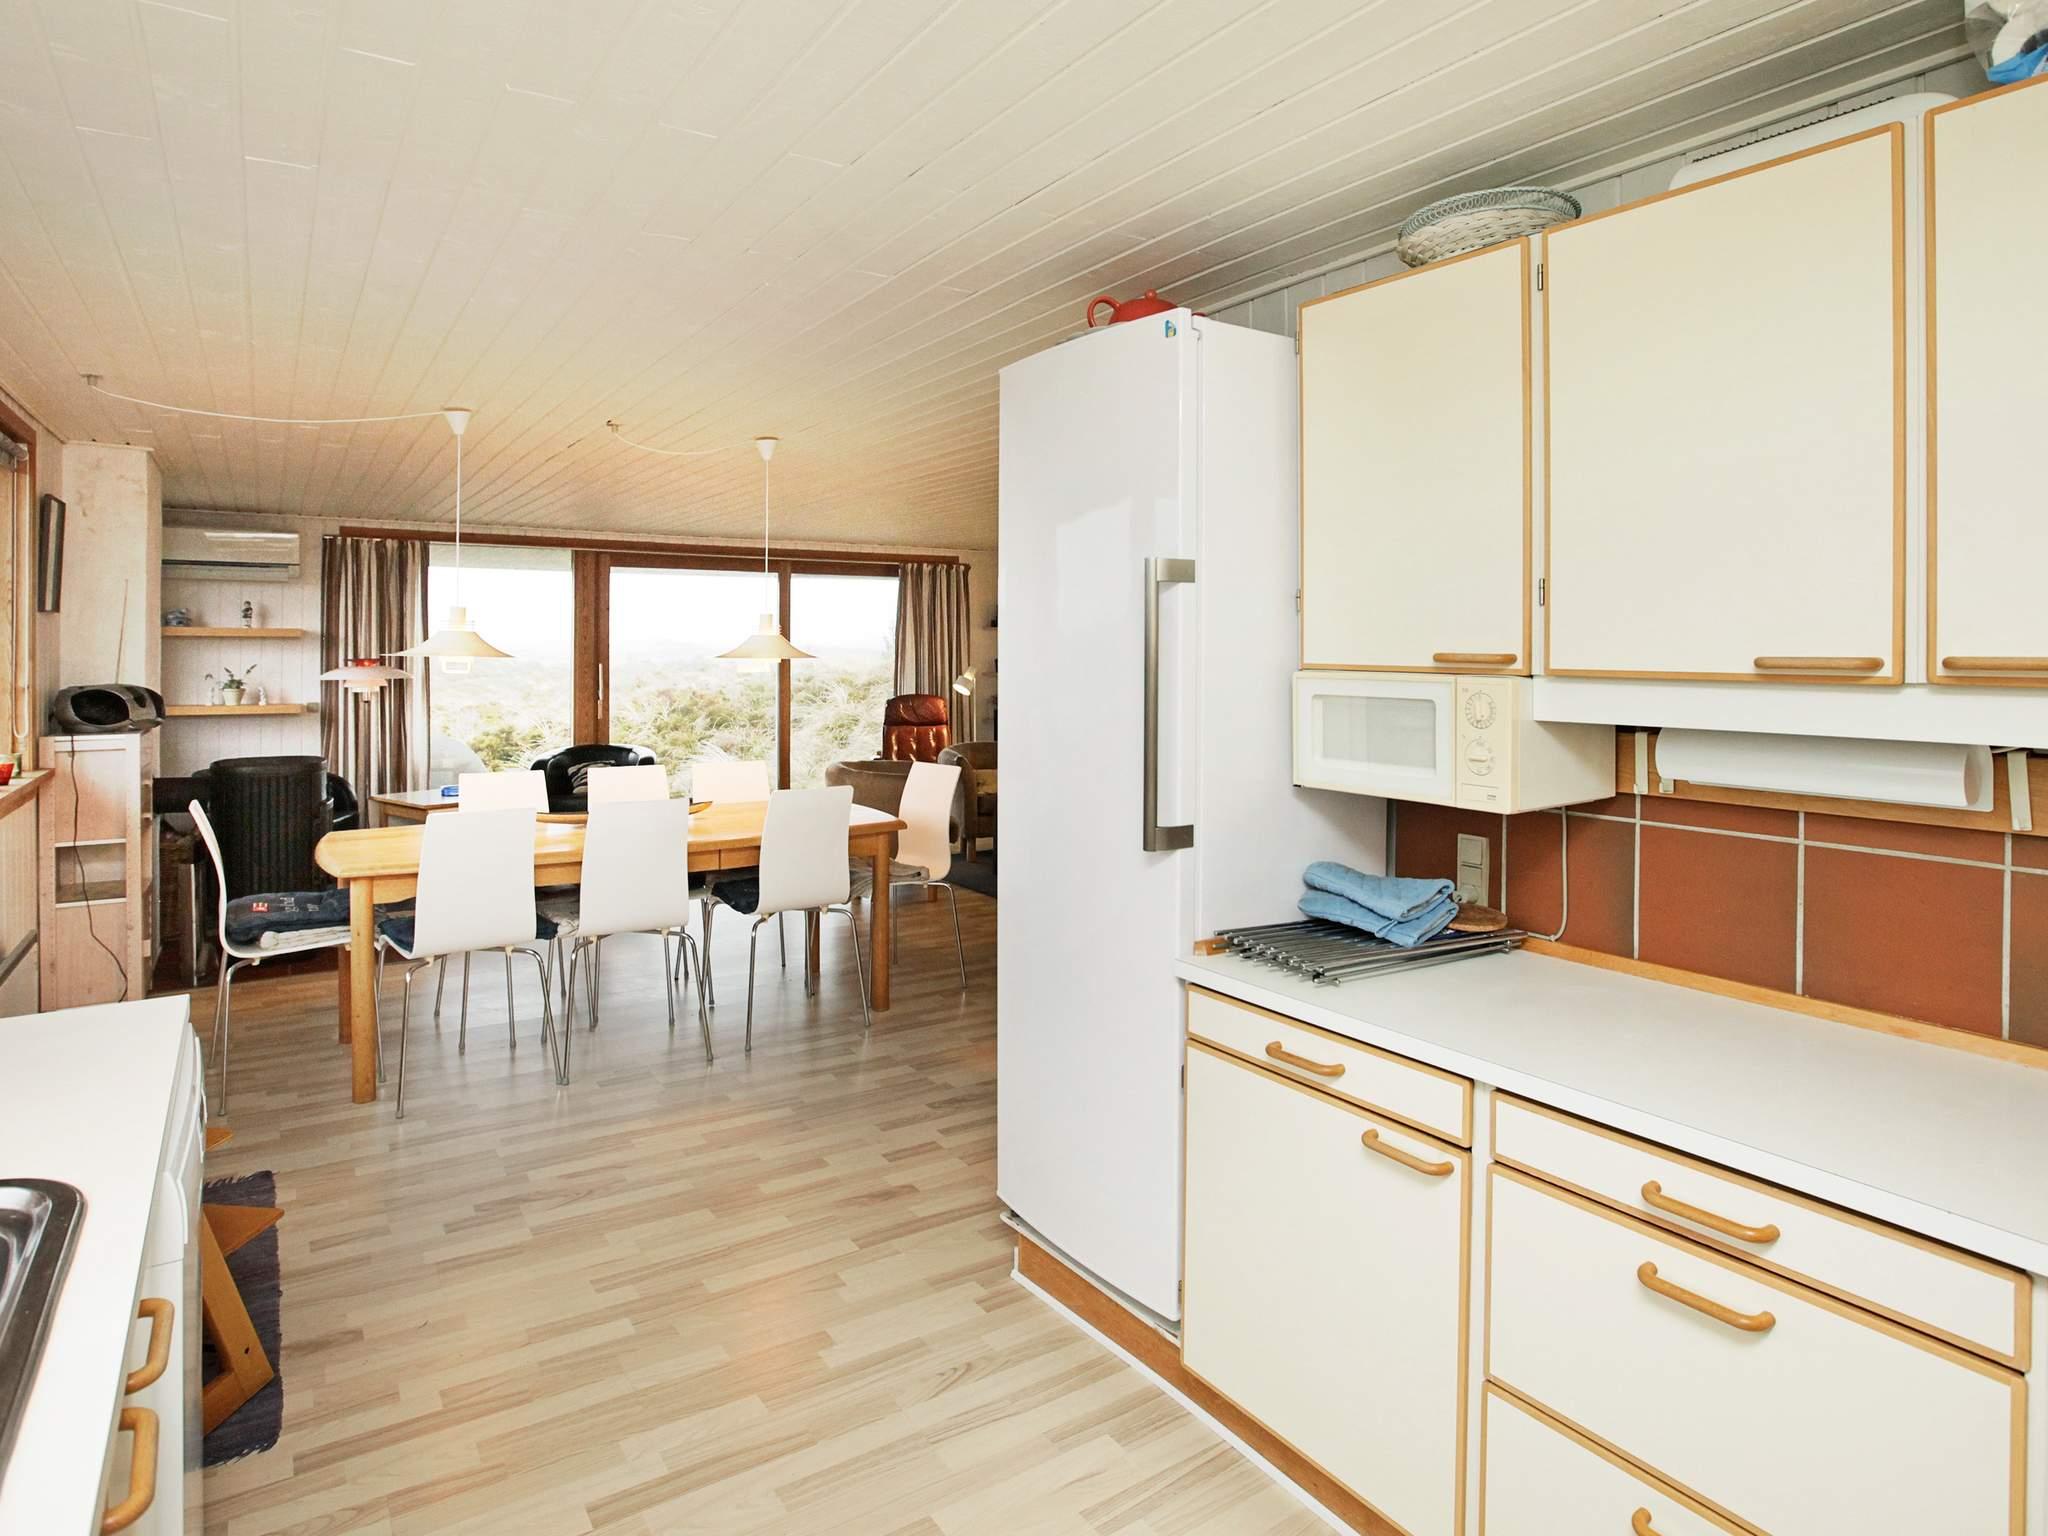 Ferienhaus Grærup (85193), Grærup, , Westjütland, Dänemark, Bild 5